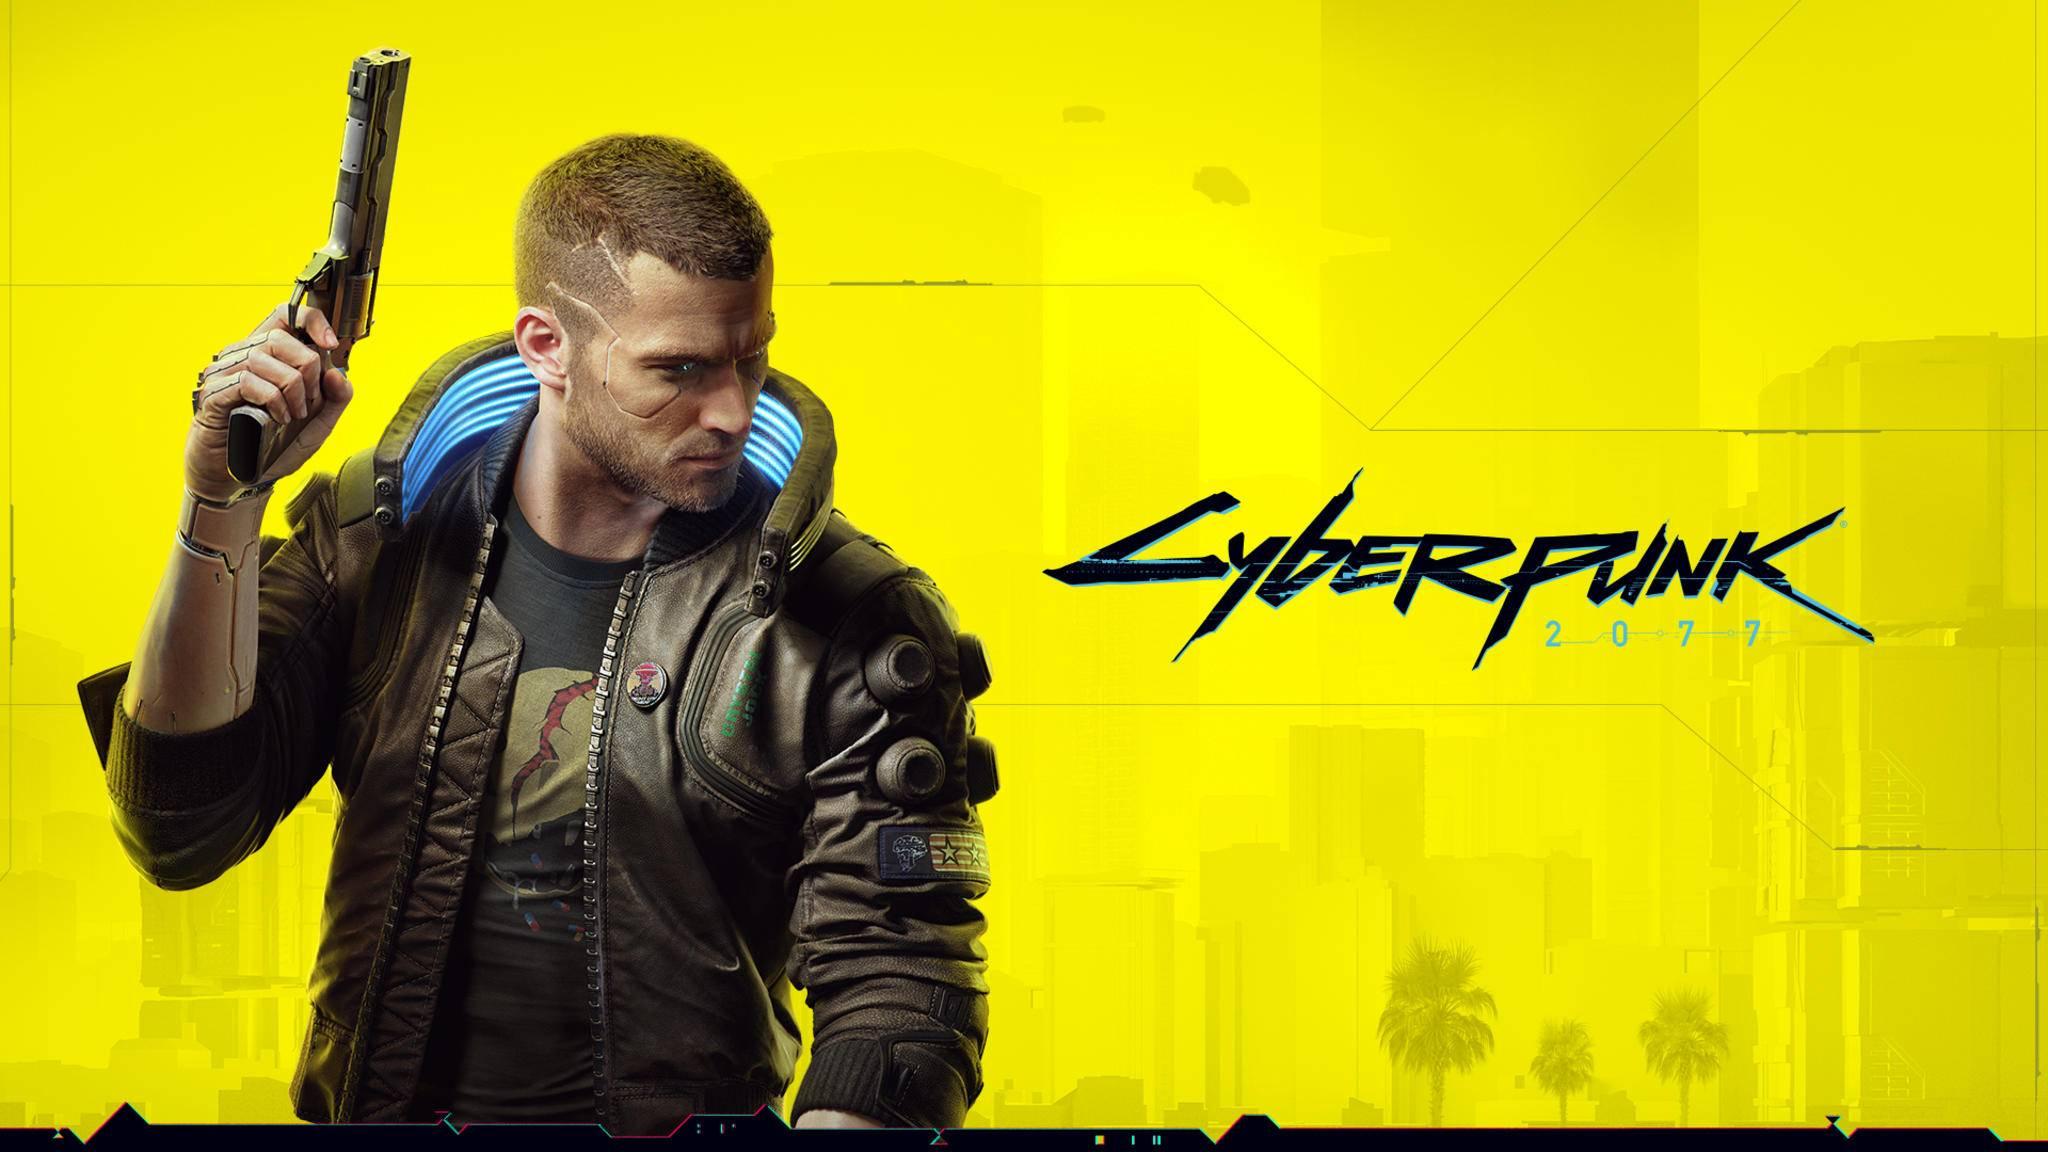 cyberpunk-2077-mainart-wallpaper